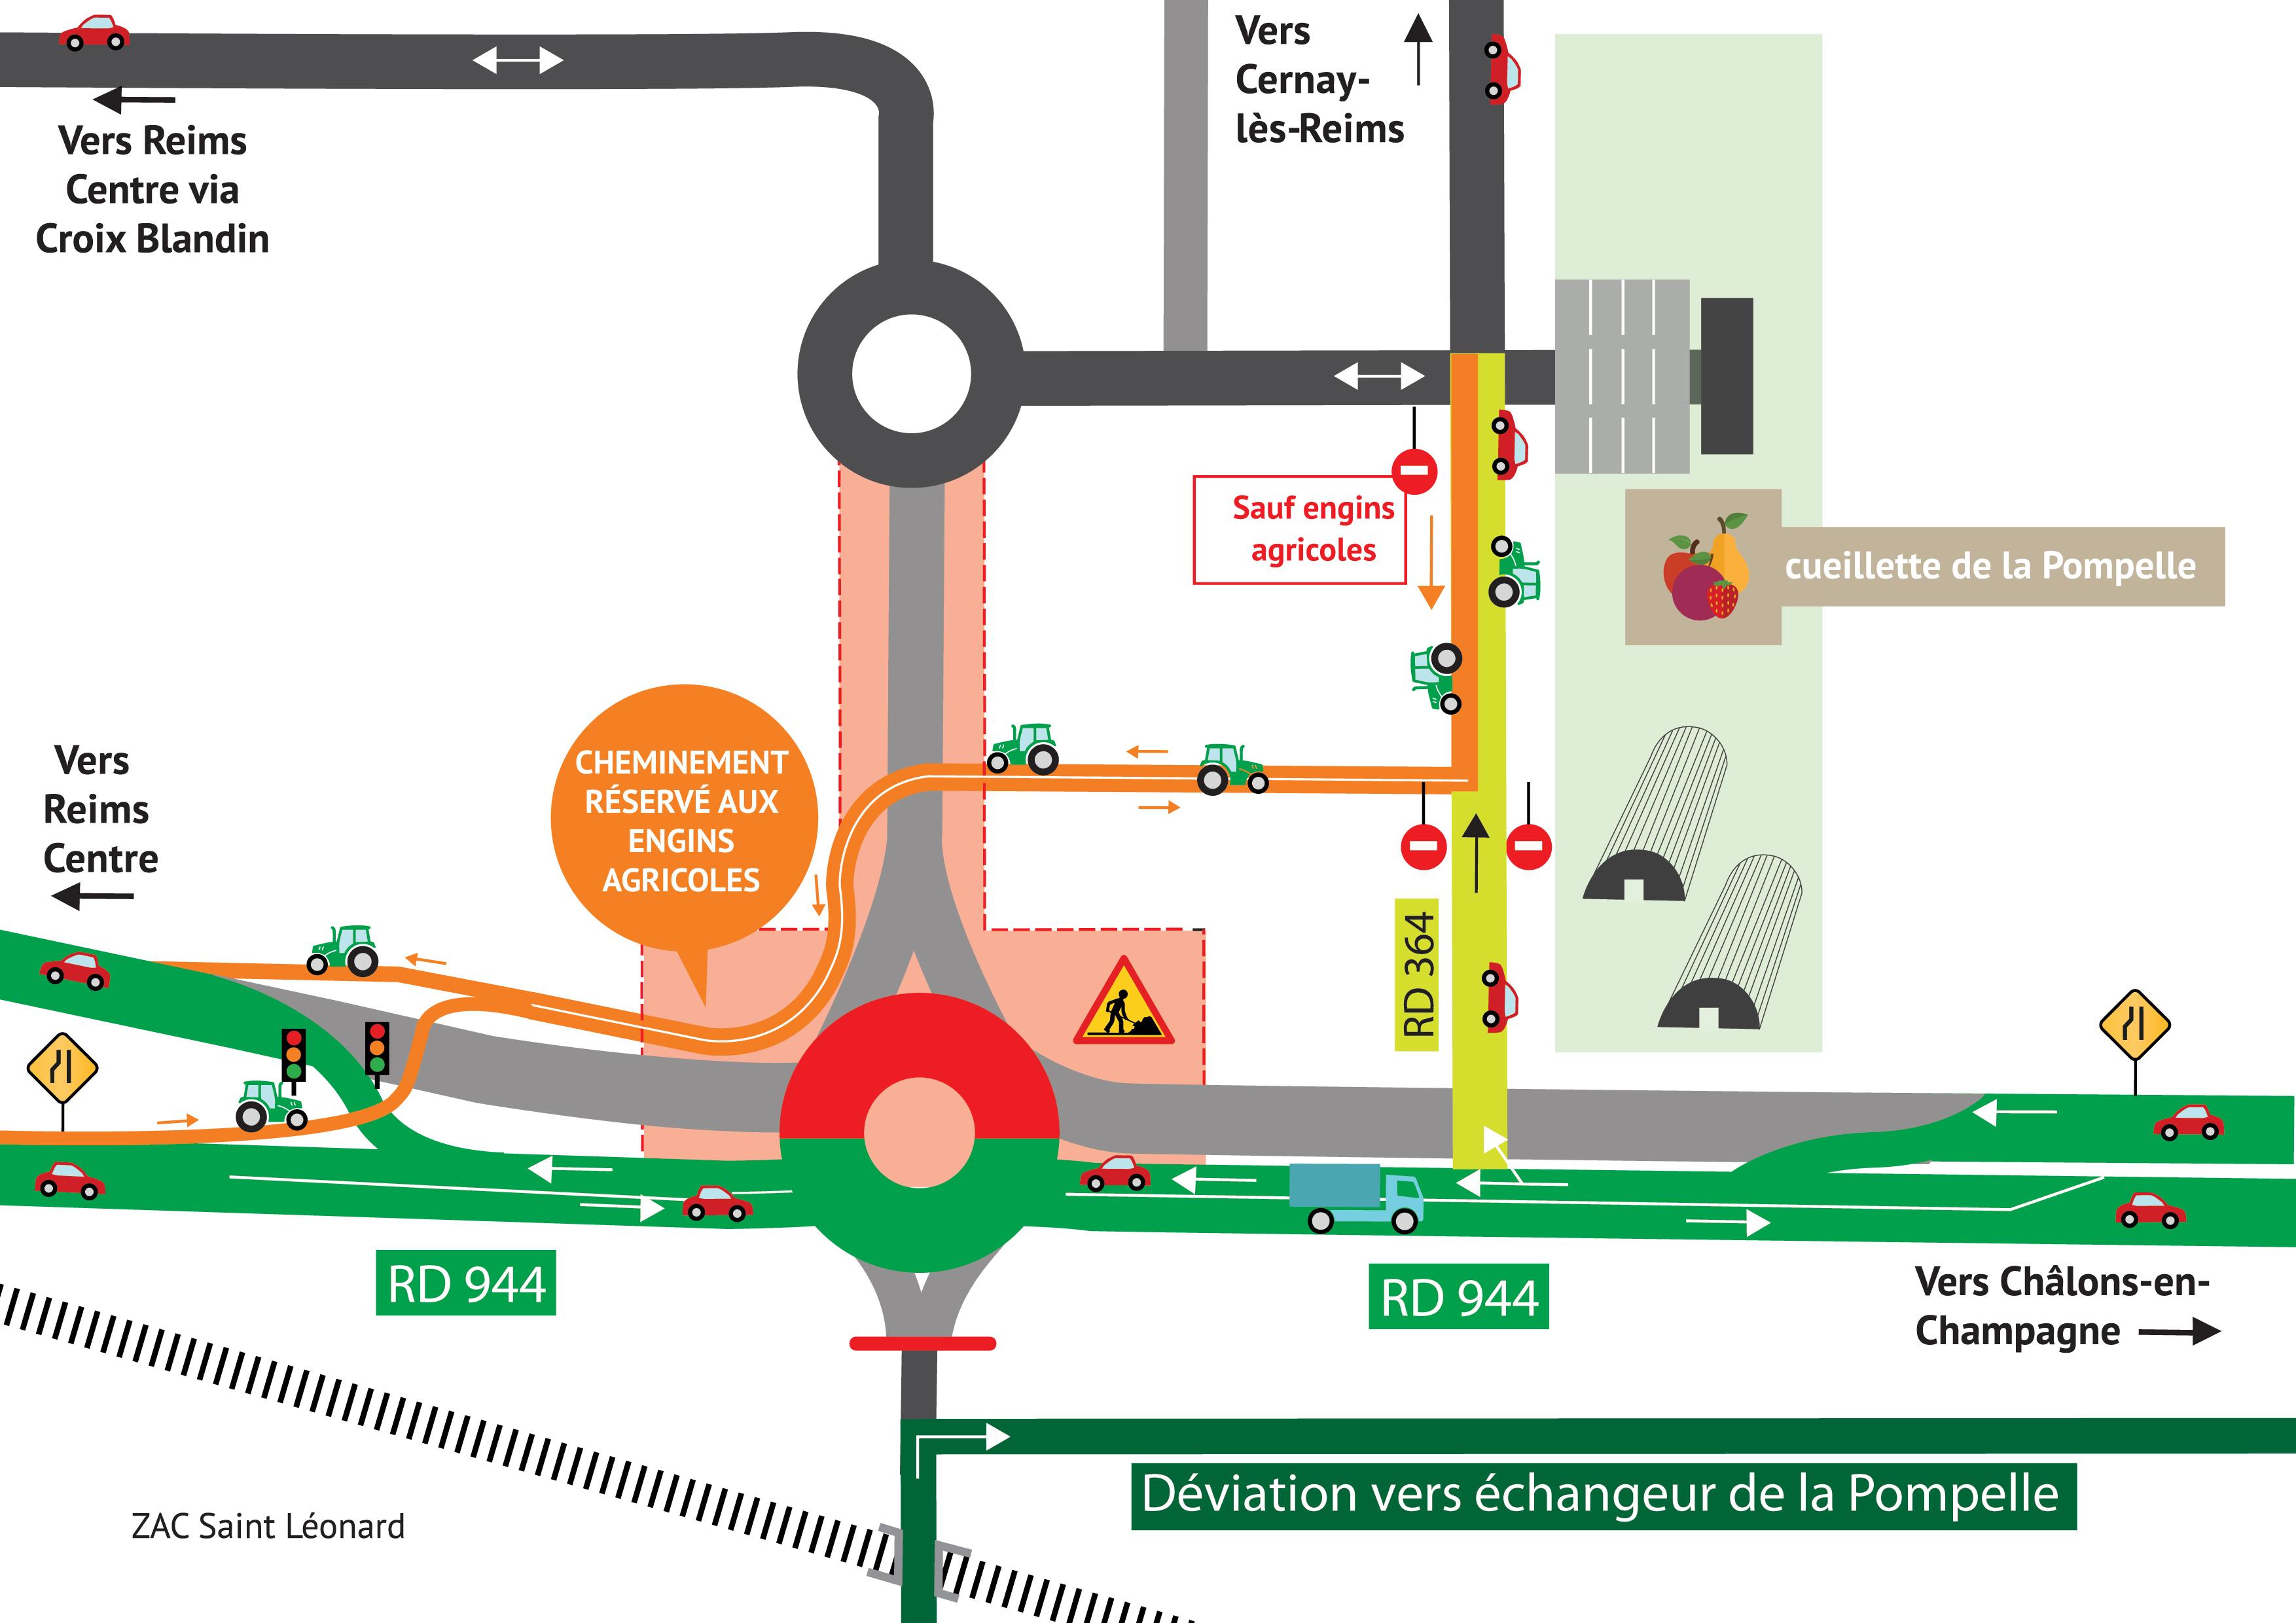 plan des travaux de la phase 2, le giratoire en rouge se crée au Nord, la RD944 sur une voie en vert, le chemin agricole en orange et l'accès à la Ceuillette de la Pompelle en vert clair